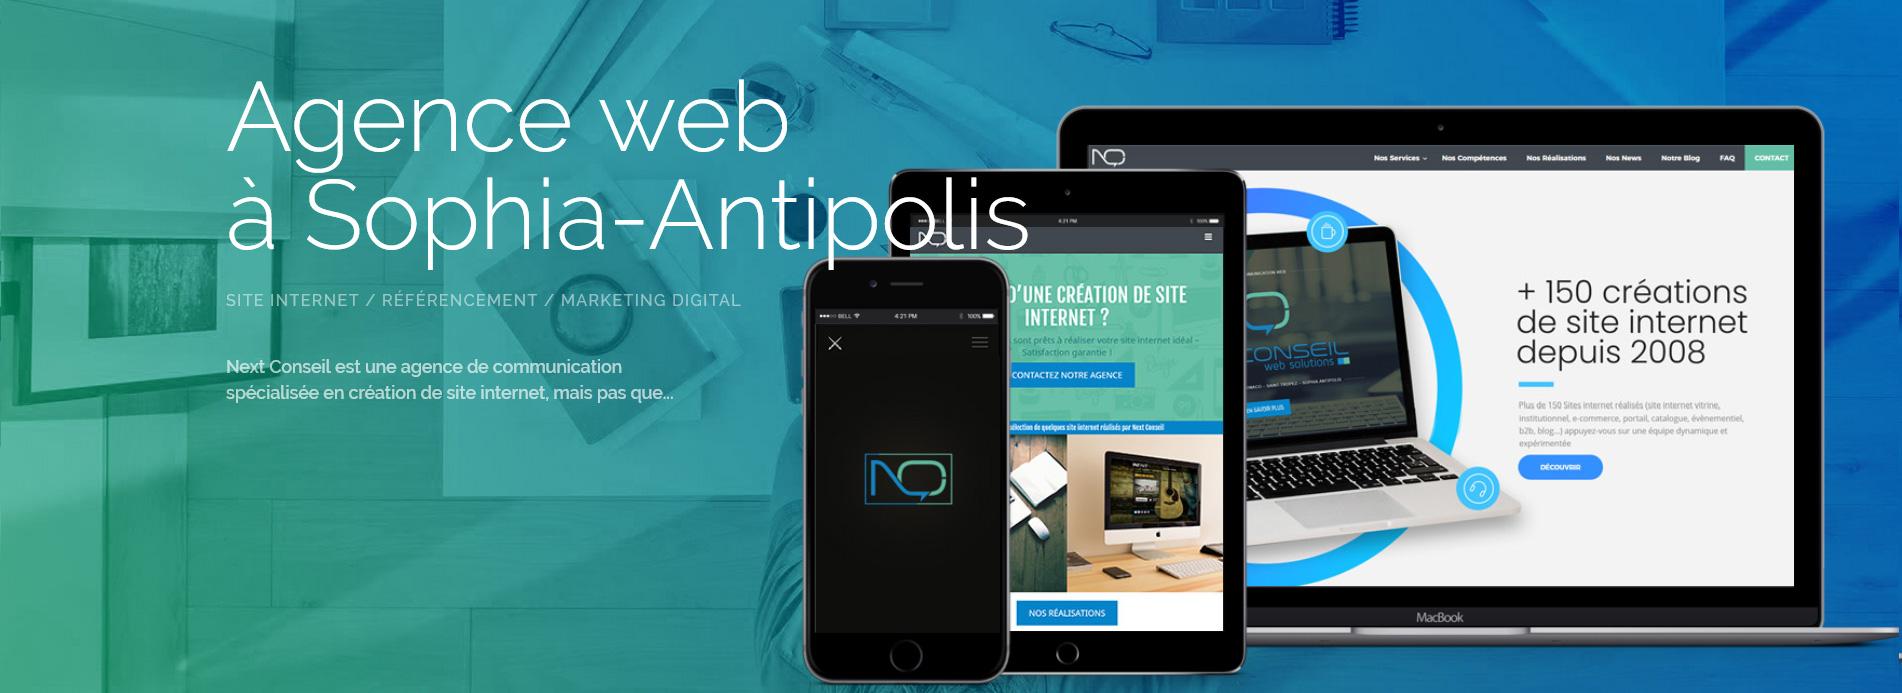 Agence web à Sophia-Antipolis - création de site internet